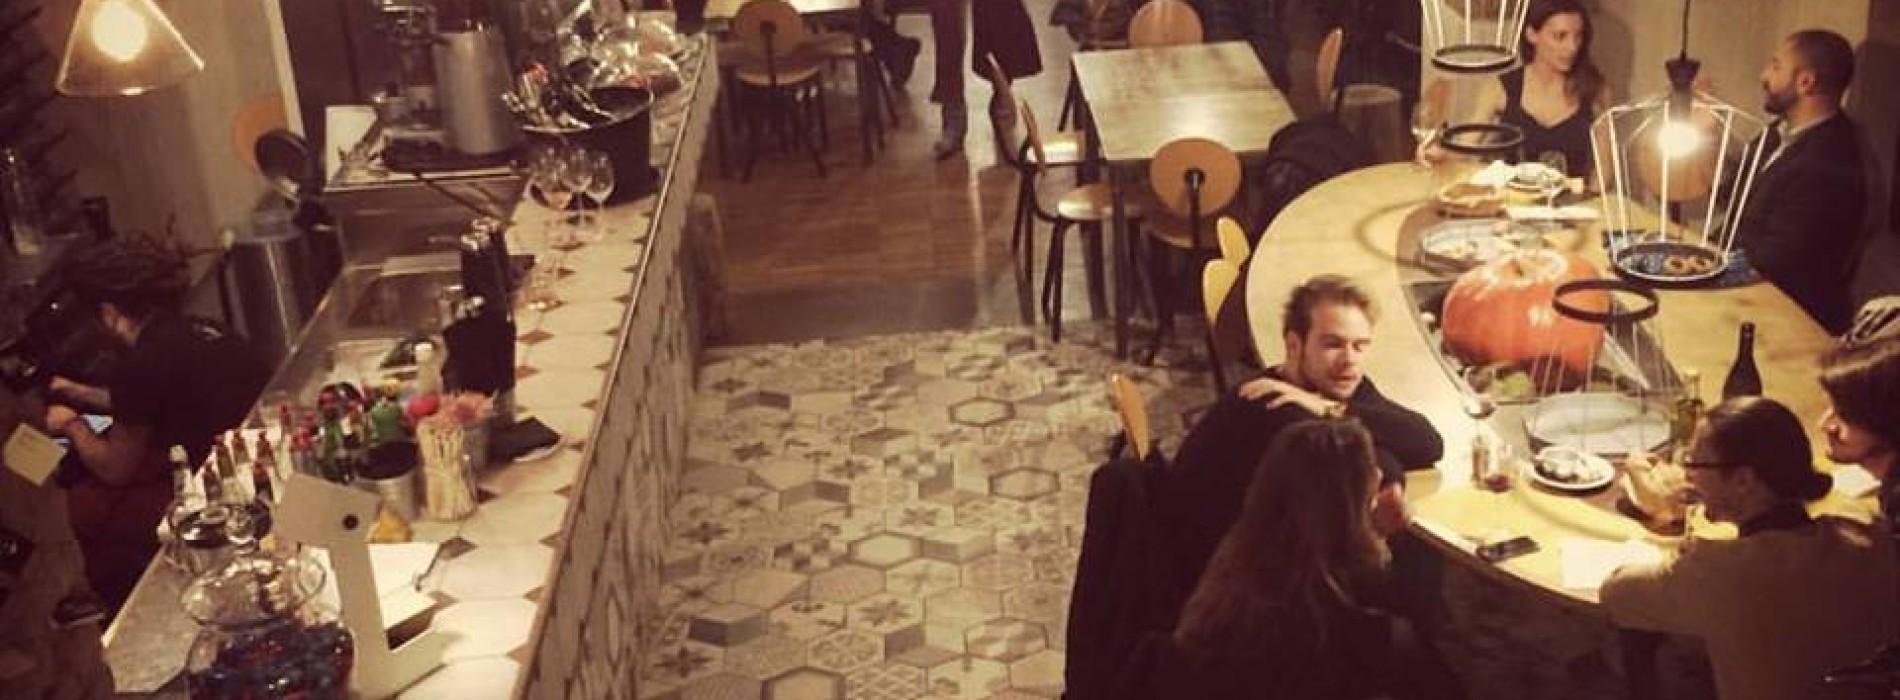 Cafè Gorille Milano, mangiare e stare bene all'ombra del Bosco verticale